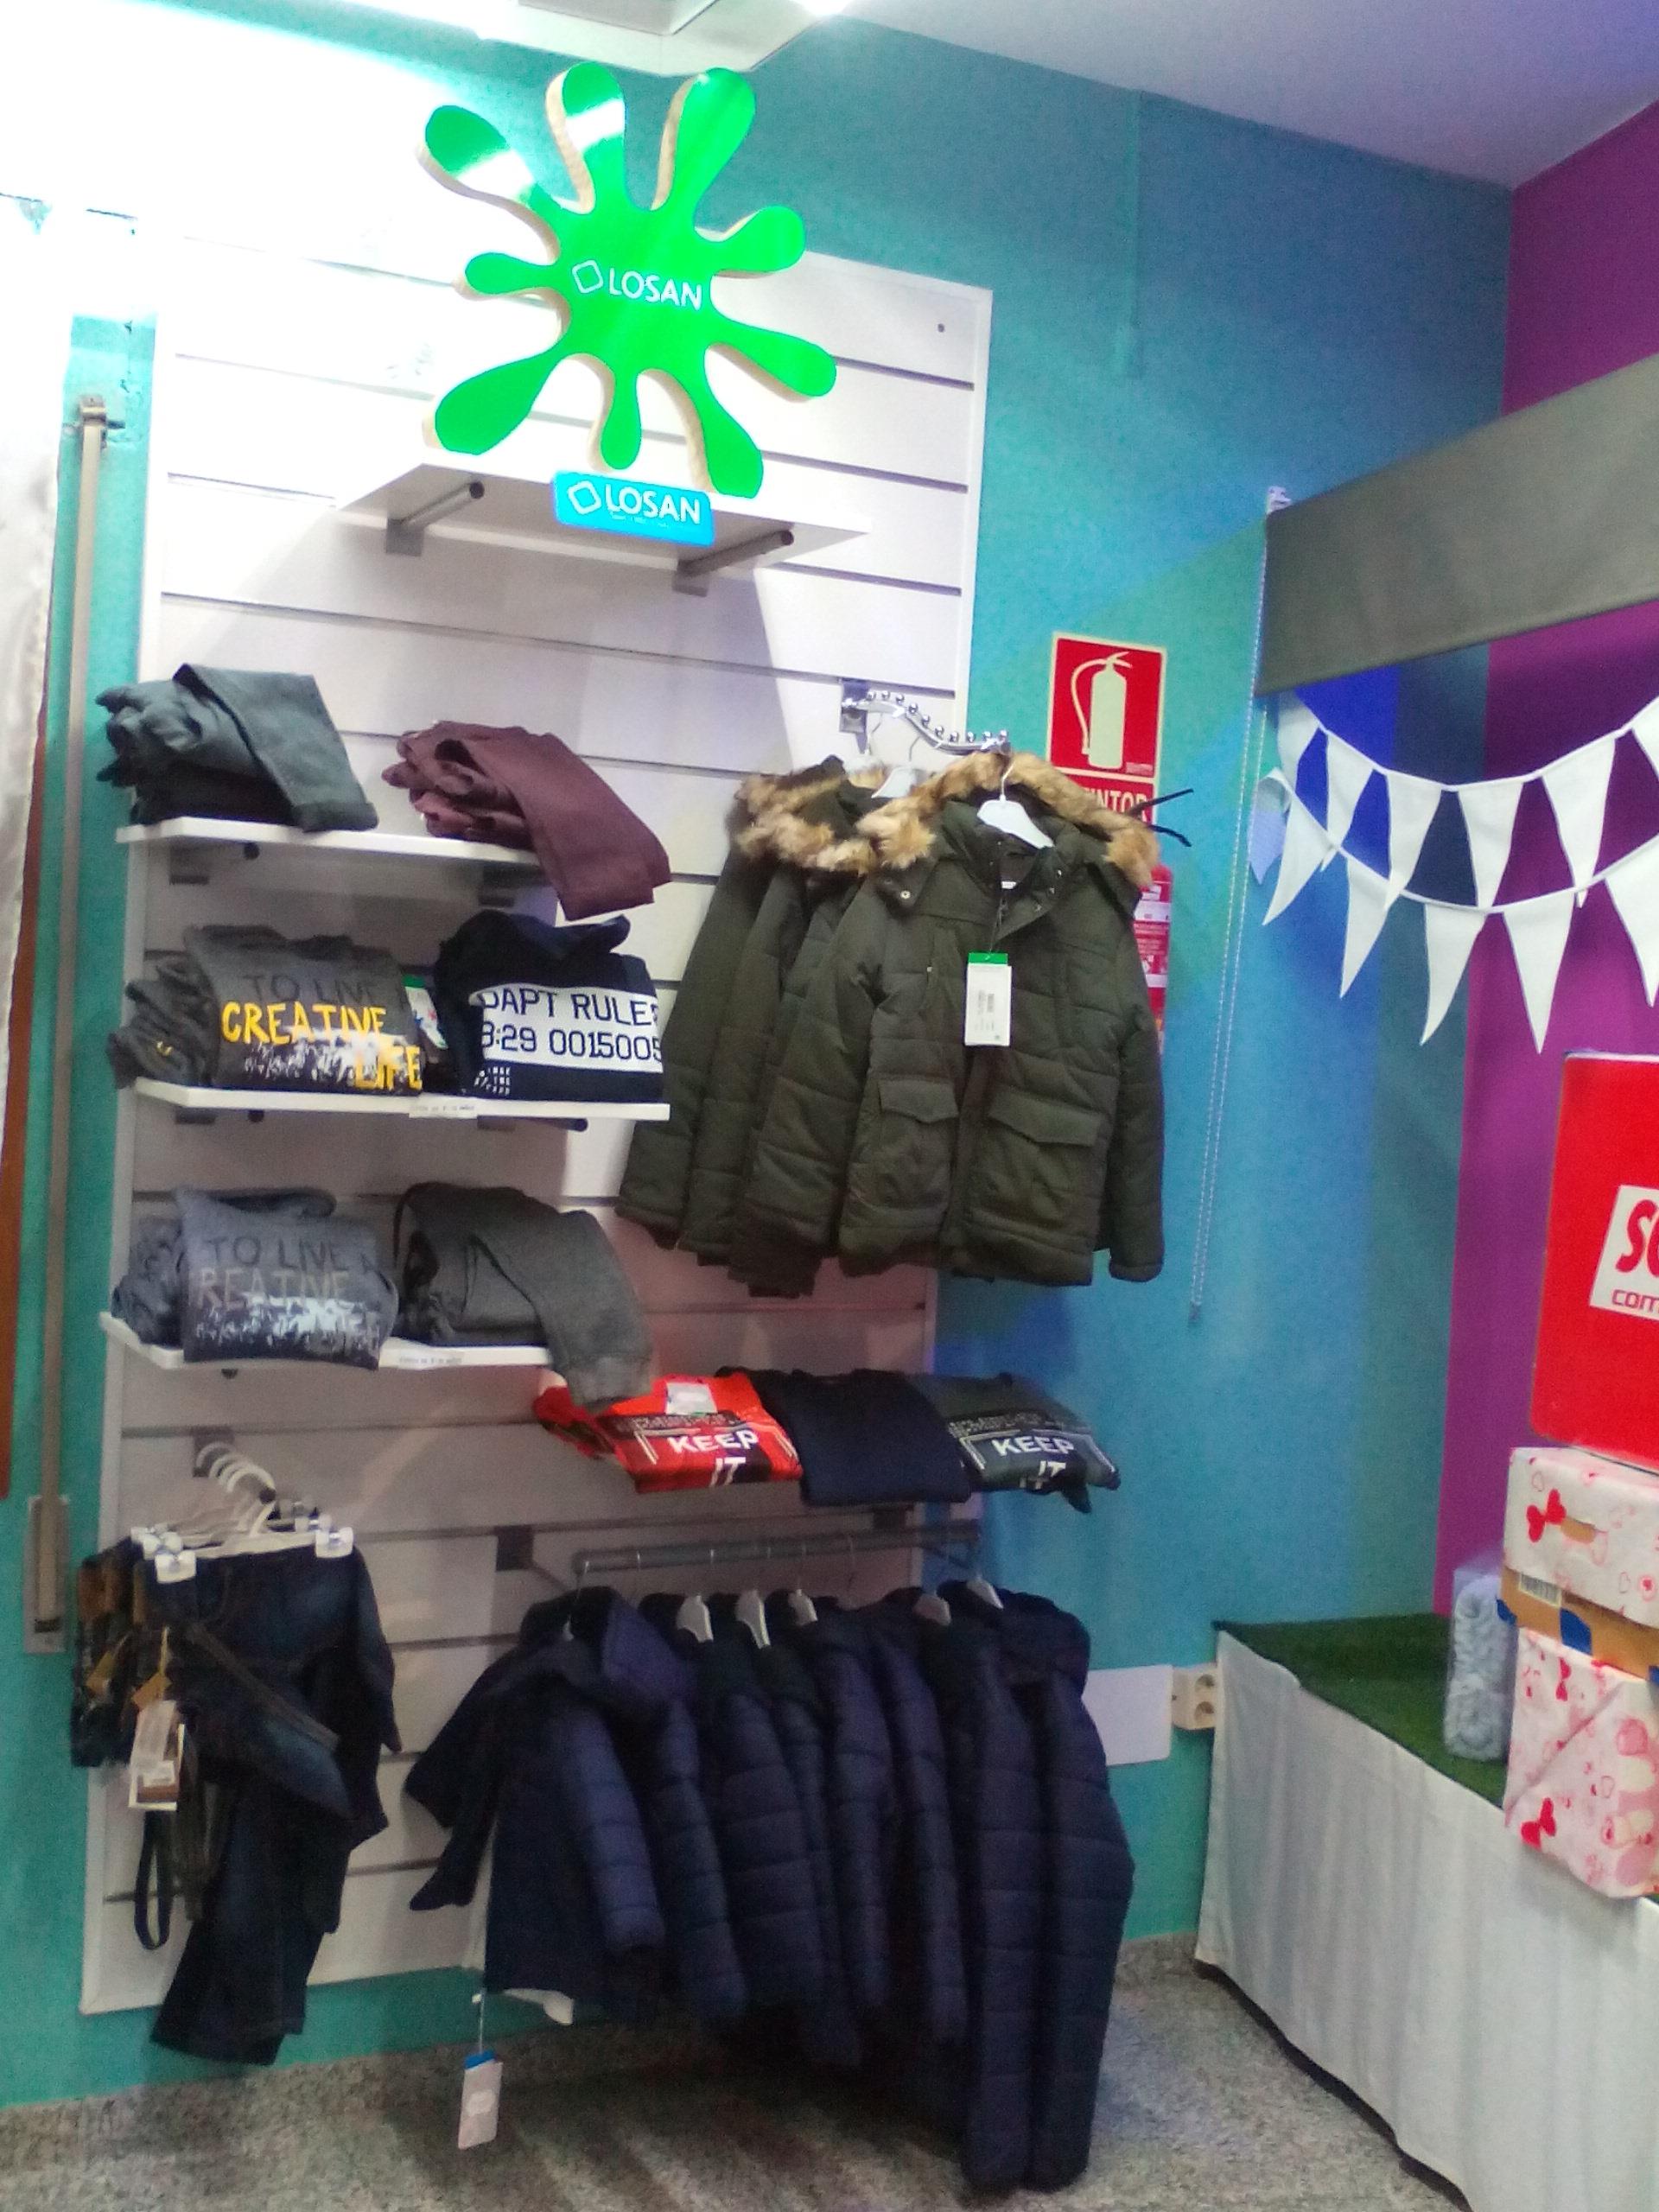 tienda de niños Zafra Cocomiel